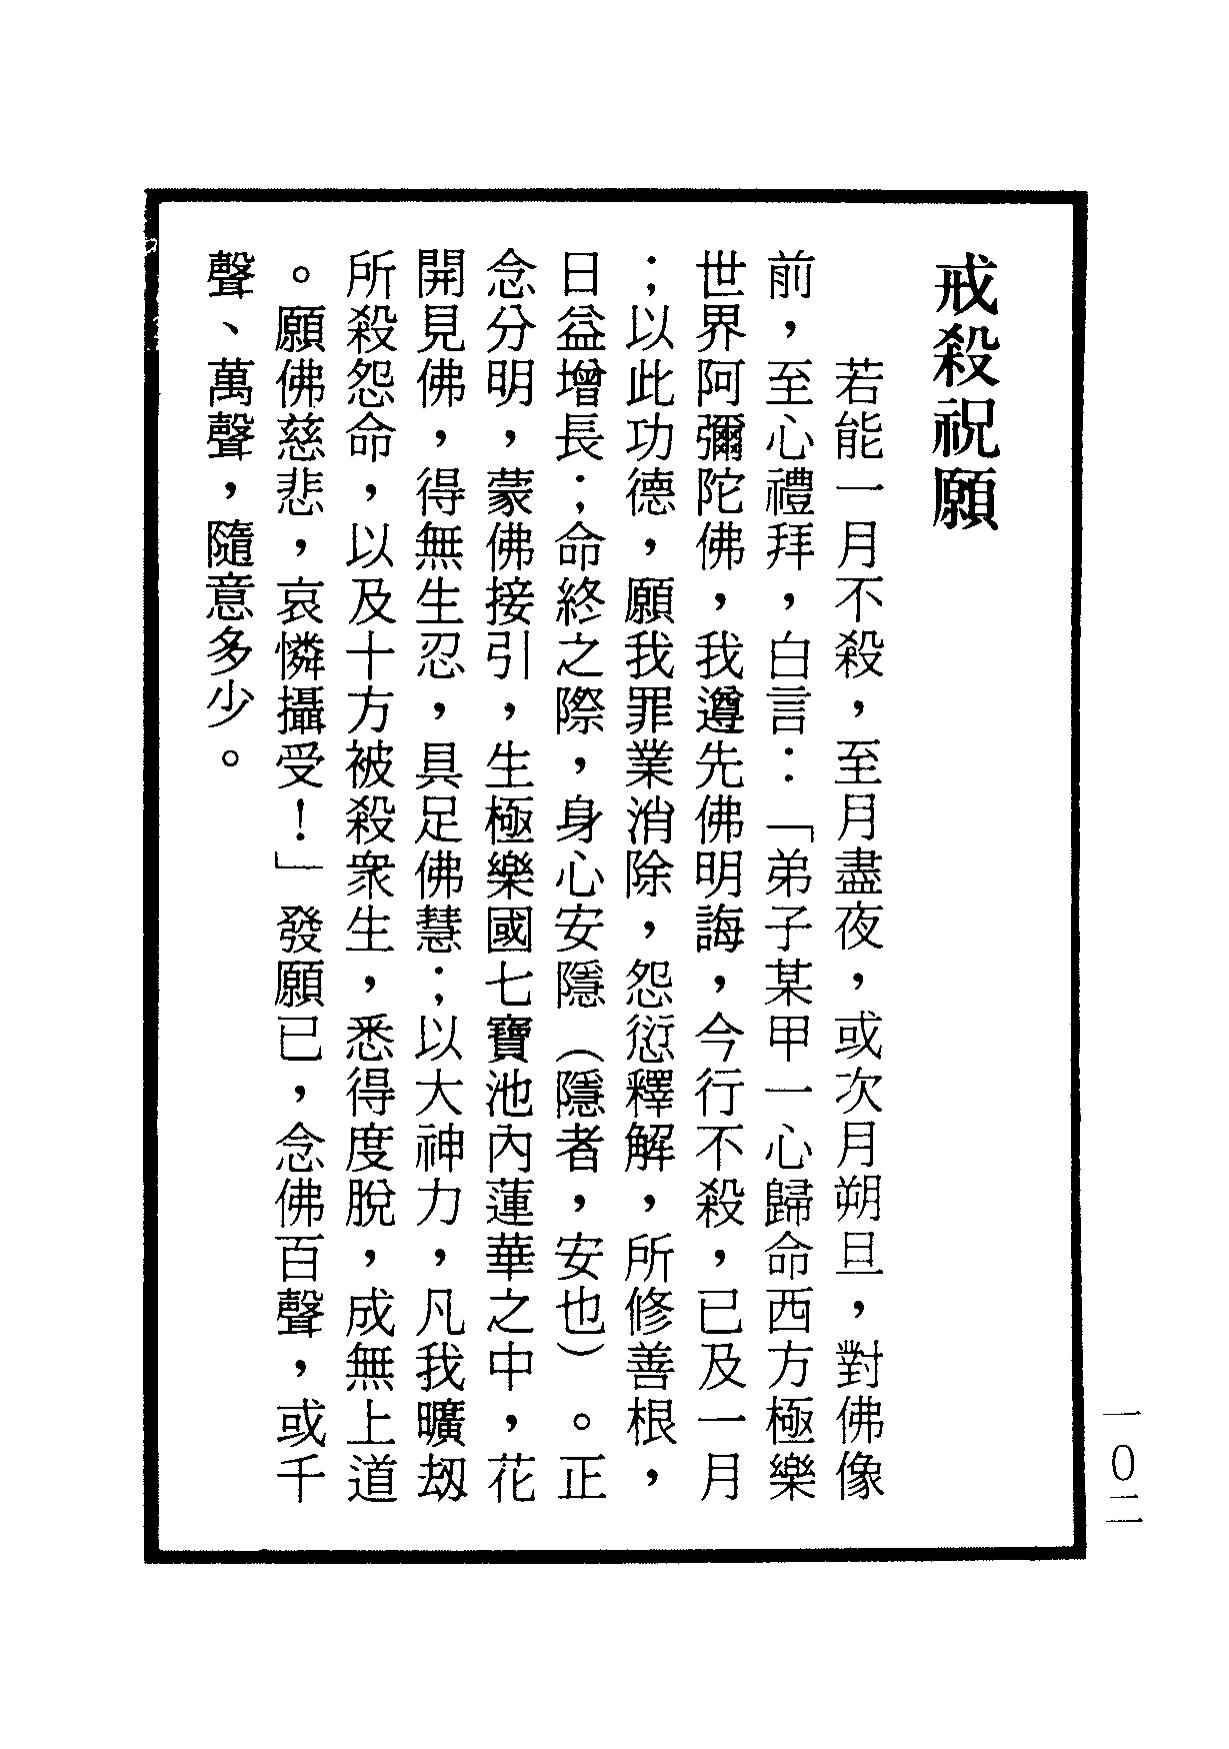 楞嚴咒-大悲咒-十小咒-易背本 108.png